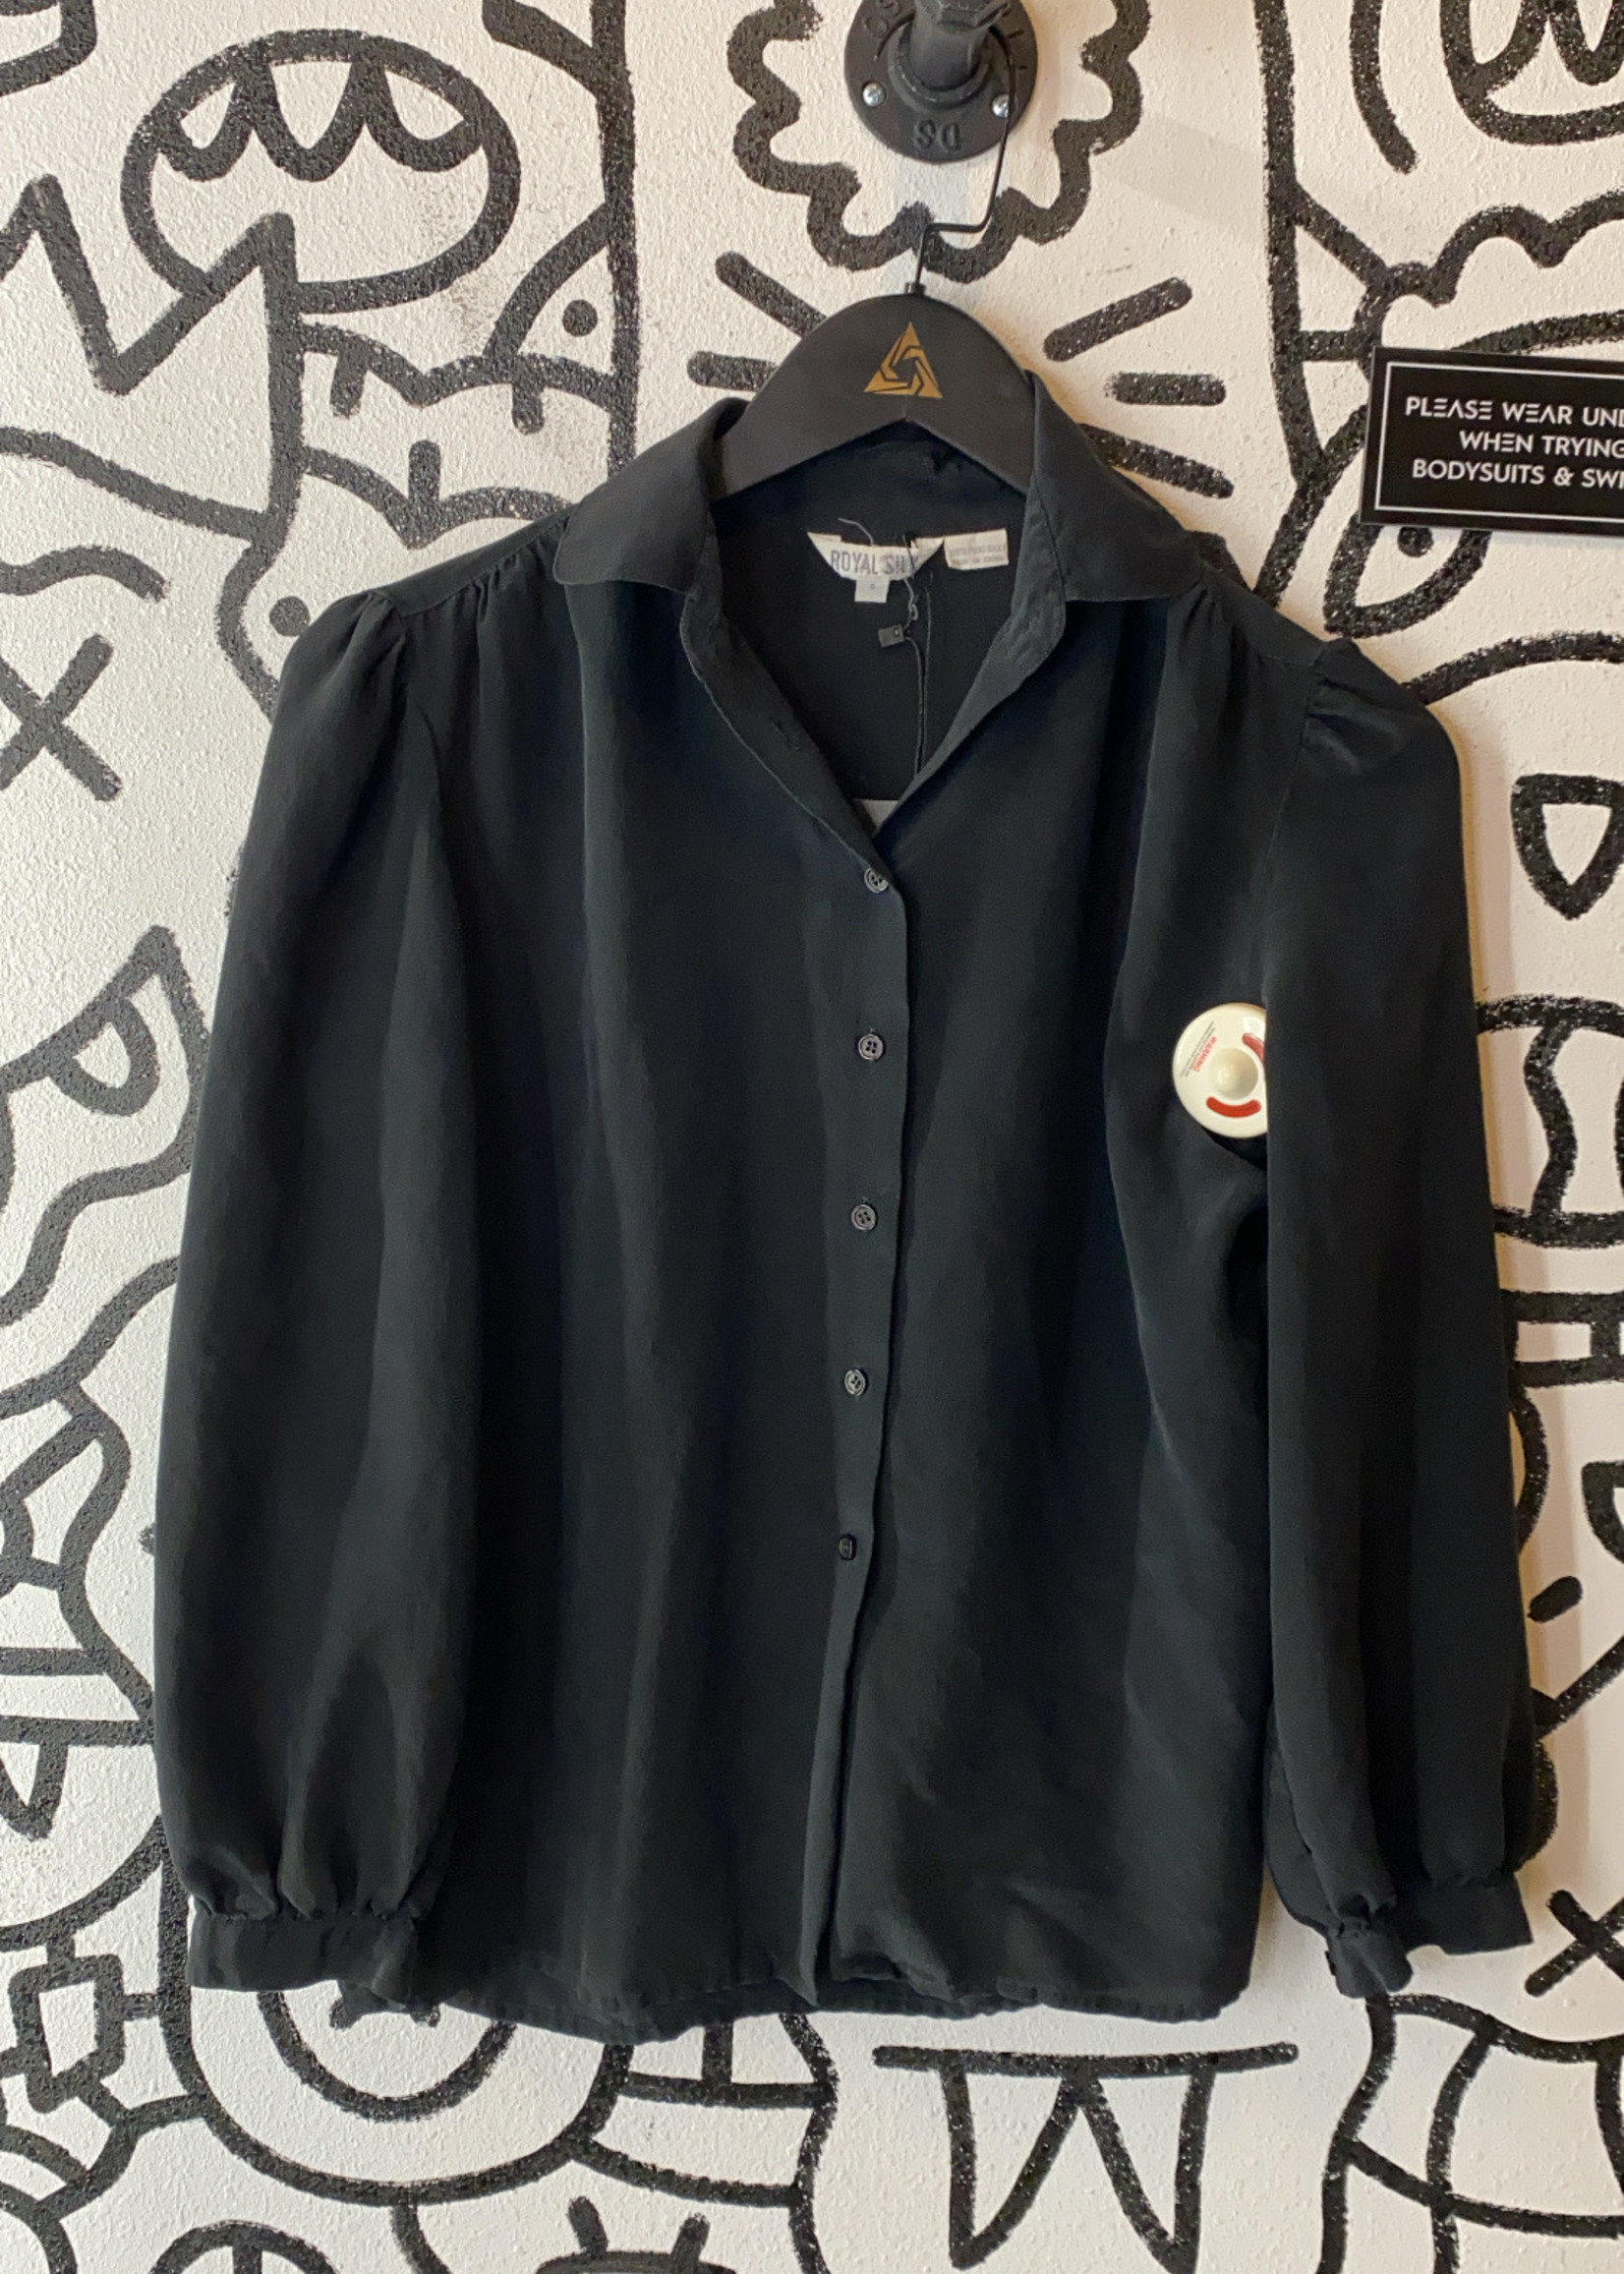 100% Silk Vintage Black 3/4 Sleeve Button Down S